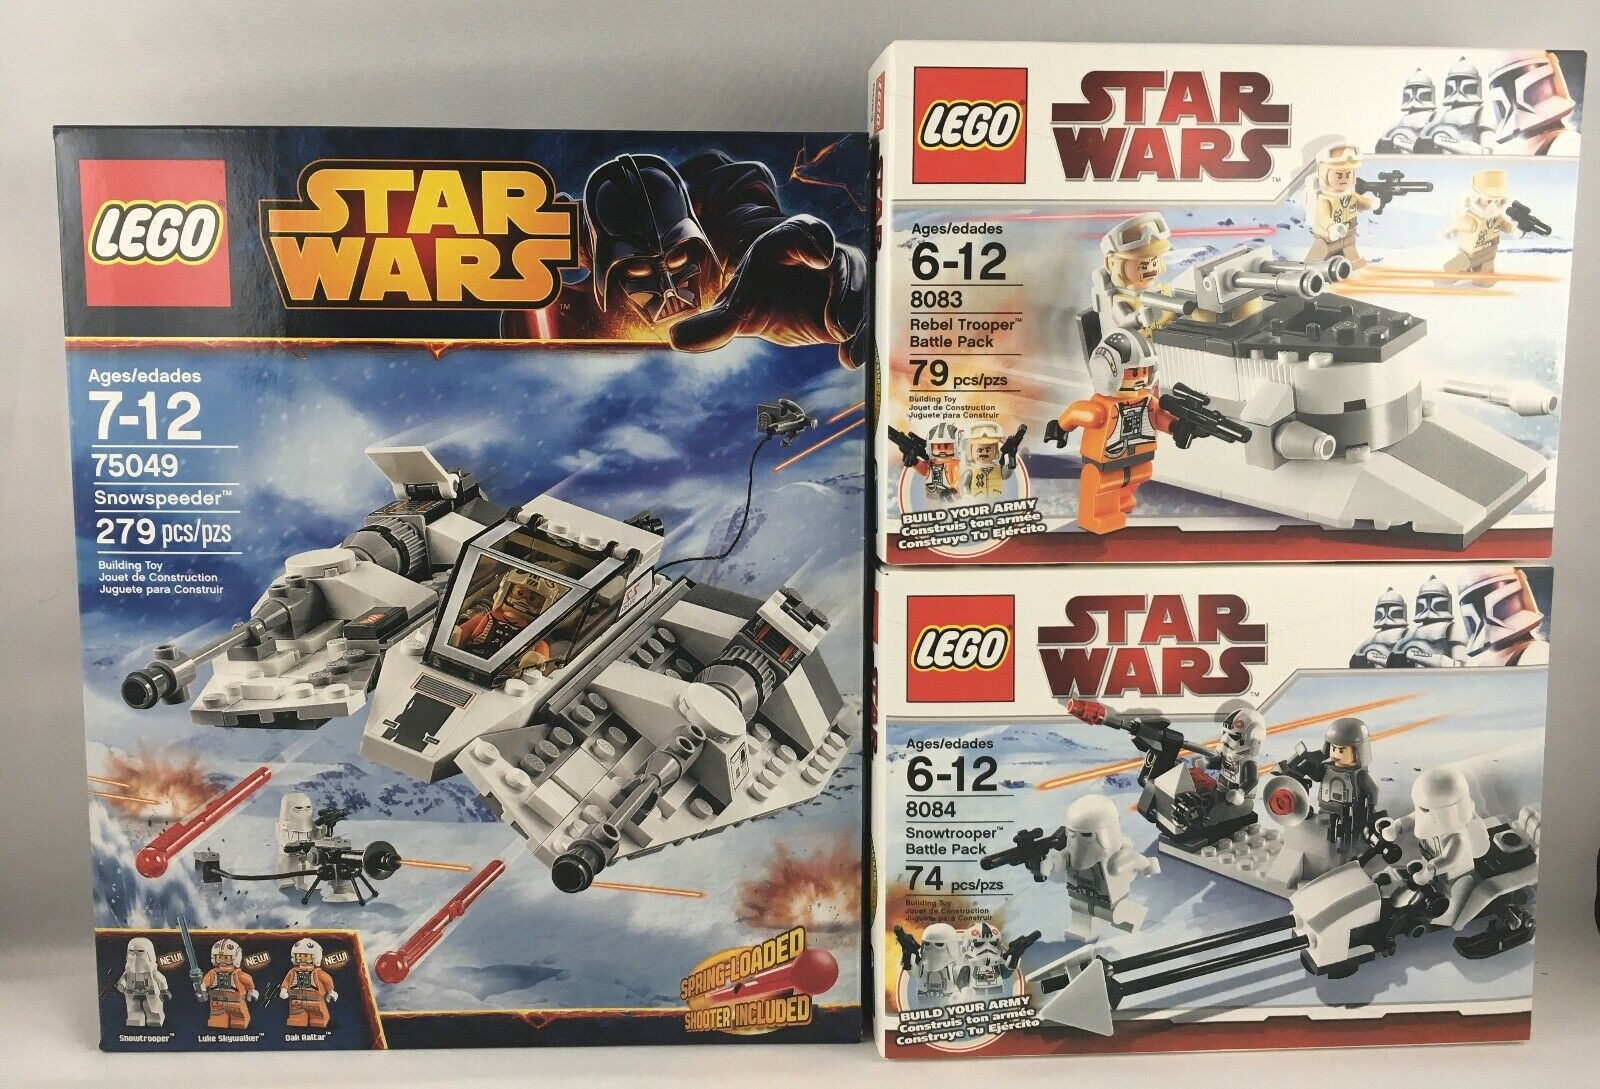 Lote de 3 Lego Estrella Wars 75049 Snowspeeder + 8083 Rebel + 8084 Snowtrooper Sellado